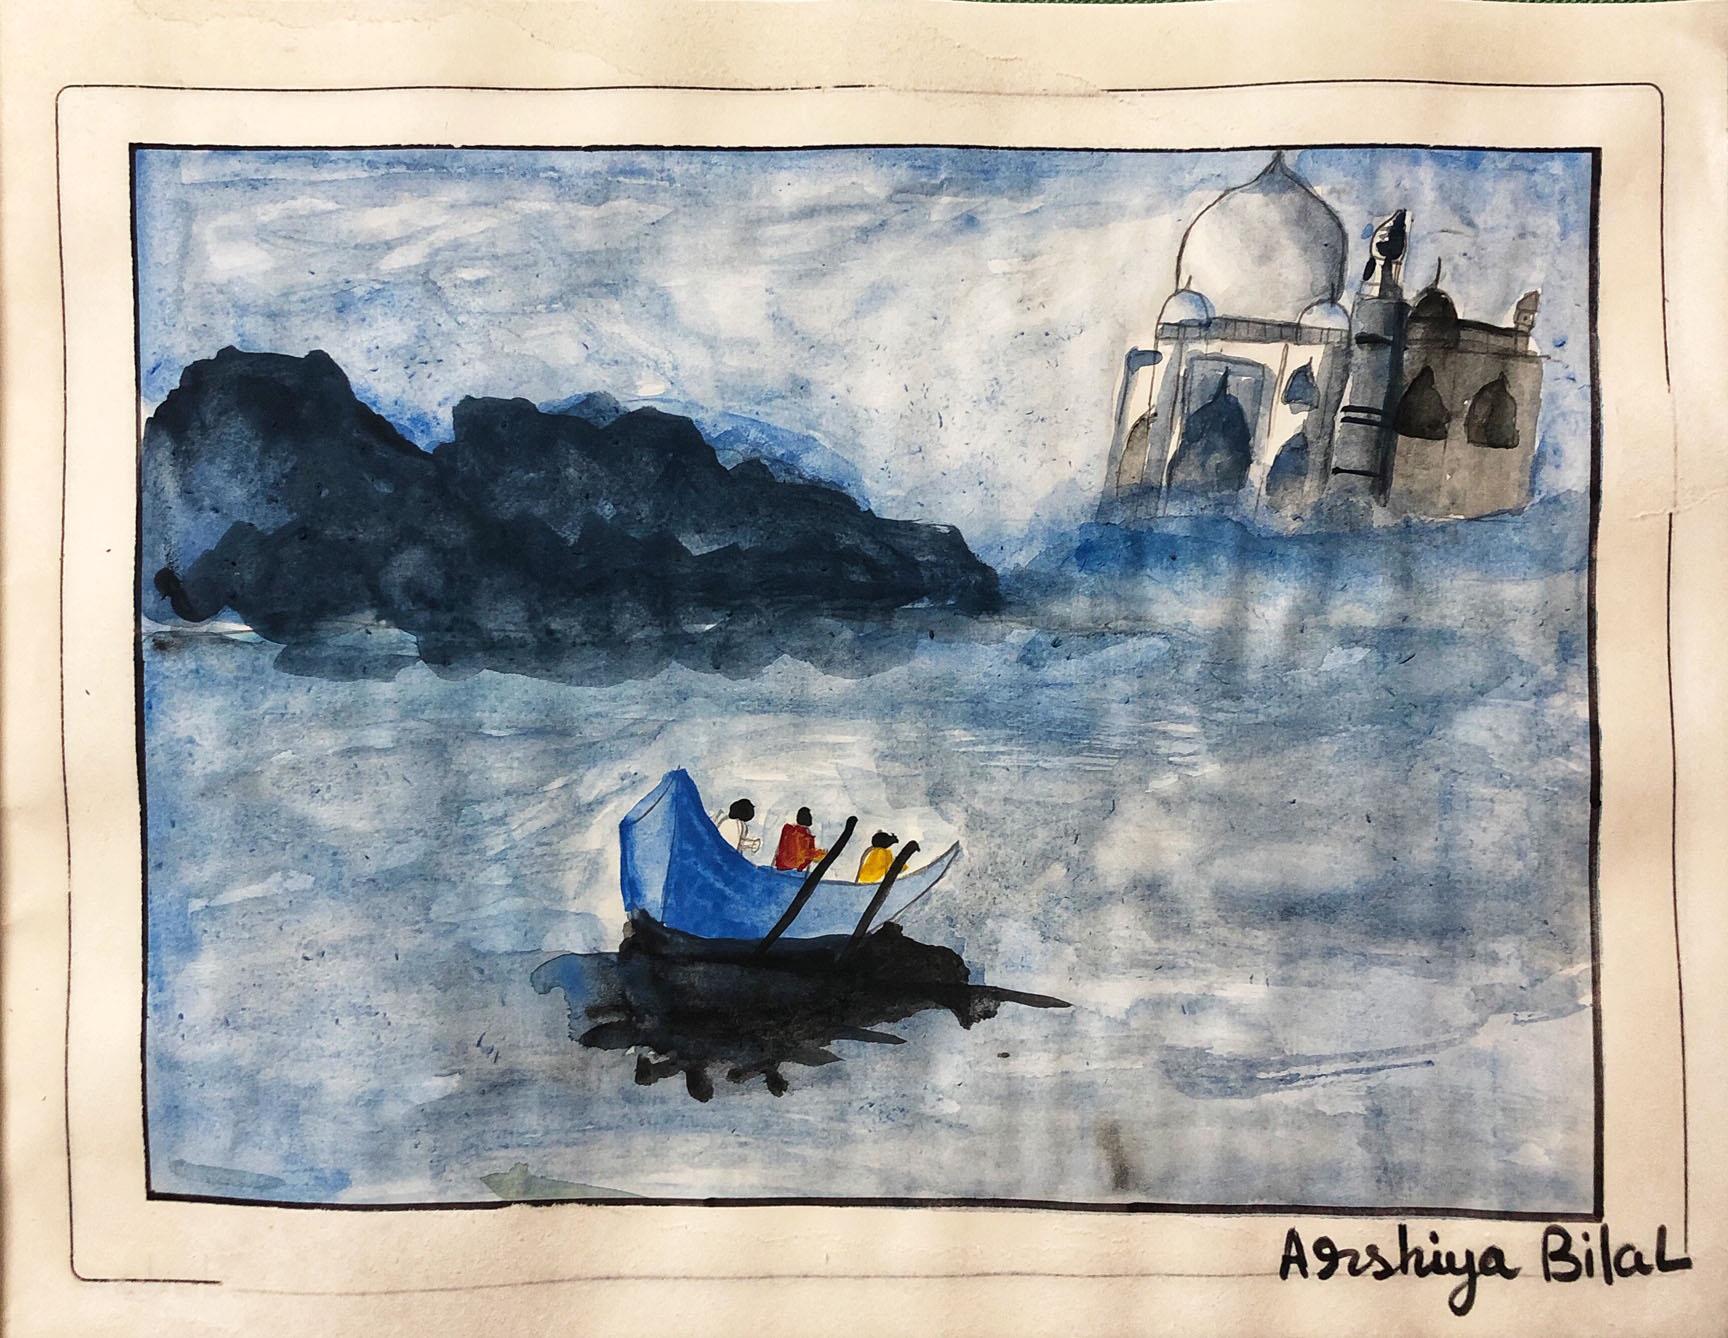 OVER THE YAMUNA : Arshiya Bilal